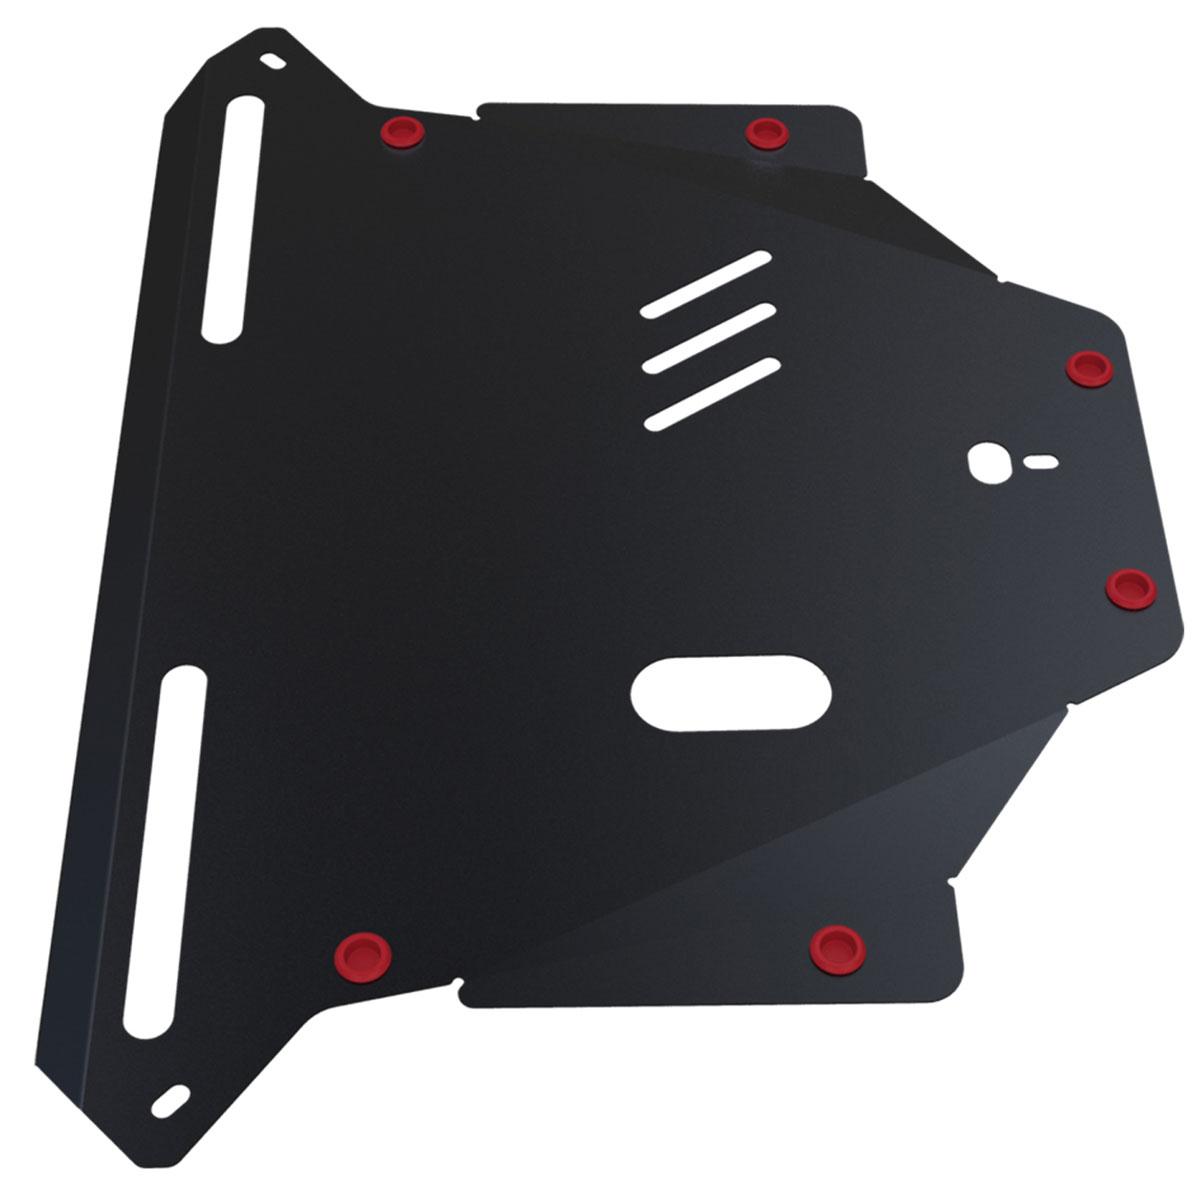 Защита картера и КПП Автоброня, для Honda CR-V II. 111.02110.1111.02110.1Технологически совершенный продукт за невысокую стоимость. Защита разработана с учетом особенностей днища автомобиля, что позволяет сохранить дорожный просвет с минимальным изменением. Защита устанавливается в штатные места кузова автомобиля. Глубокий штамп обеспечивает до двух раз больше жесткости в сравнении с обычной защитой той же толщины. Проштампованные ребра жесткости препятствуют деформации защиты при ударах. Тепловой зазор и вентиляционные отверстия обеспечивают сохранение температурного режима двигателя в норме. Скрытый крепеж предотвращает срыв крепежных элементов при наезде на препятствие. Шумопоглощающие резиновые элементы обеспечивают комфортную езду без вибраций и скрежета металла, а съемные лючки для слива масла и замены фильтра - экономию средств и время. Конструкция изделия не влияет на пассивную безопасность автомобиля (при ударе защита не воздействует на деформационные зоны кузова). Со штатным крепежом. В комплекте инструкция по...